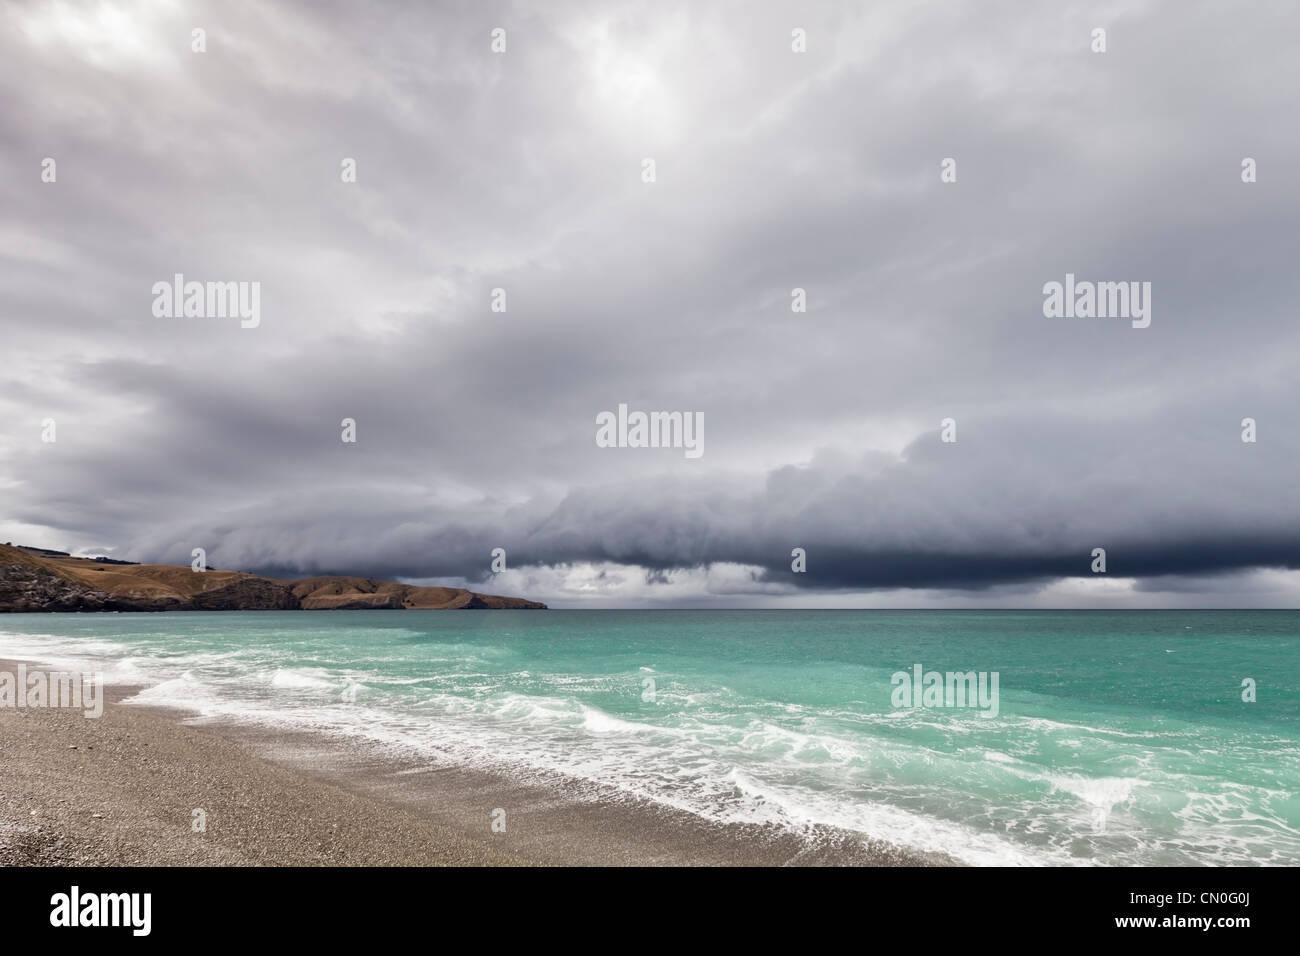 La playa de guijarros en Birdlings Planas, en la Península de Banks, Canterbury, Nueva Zelanda, con un frente Imagen De Stock